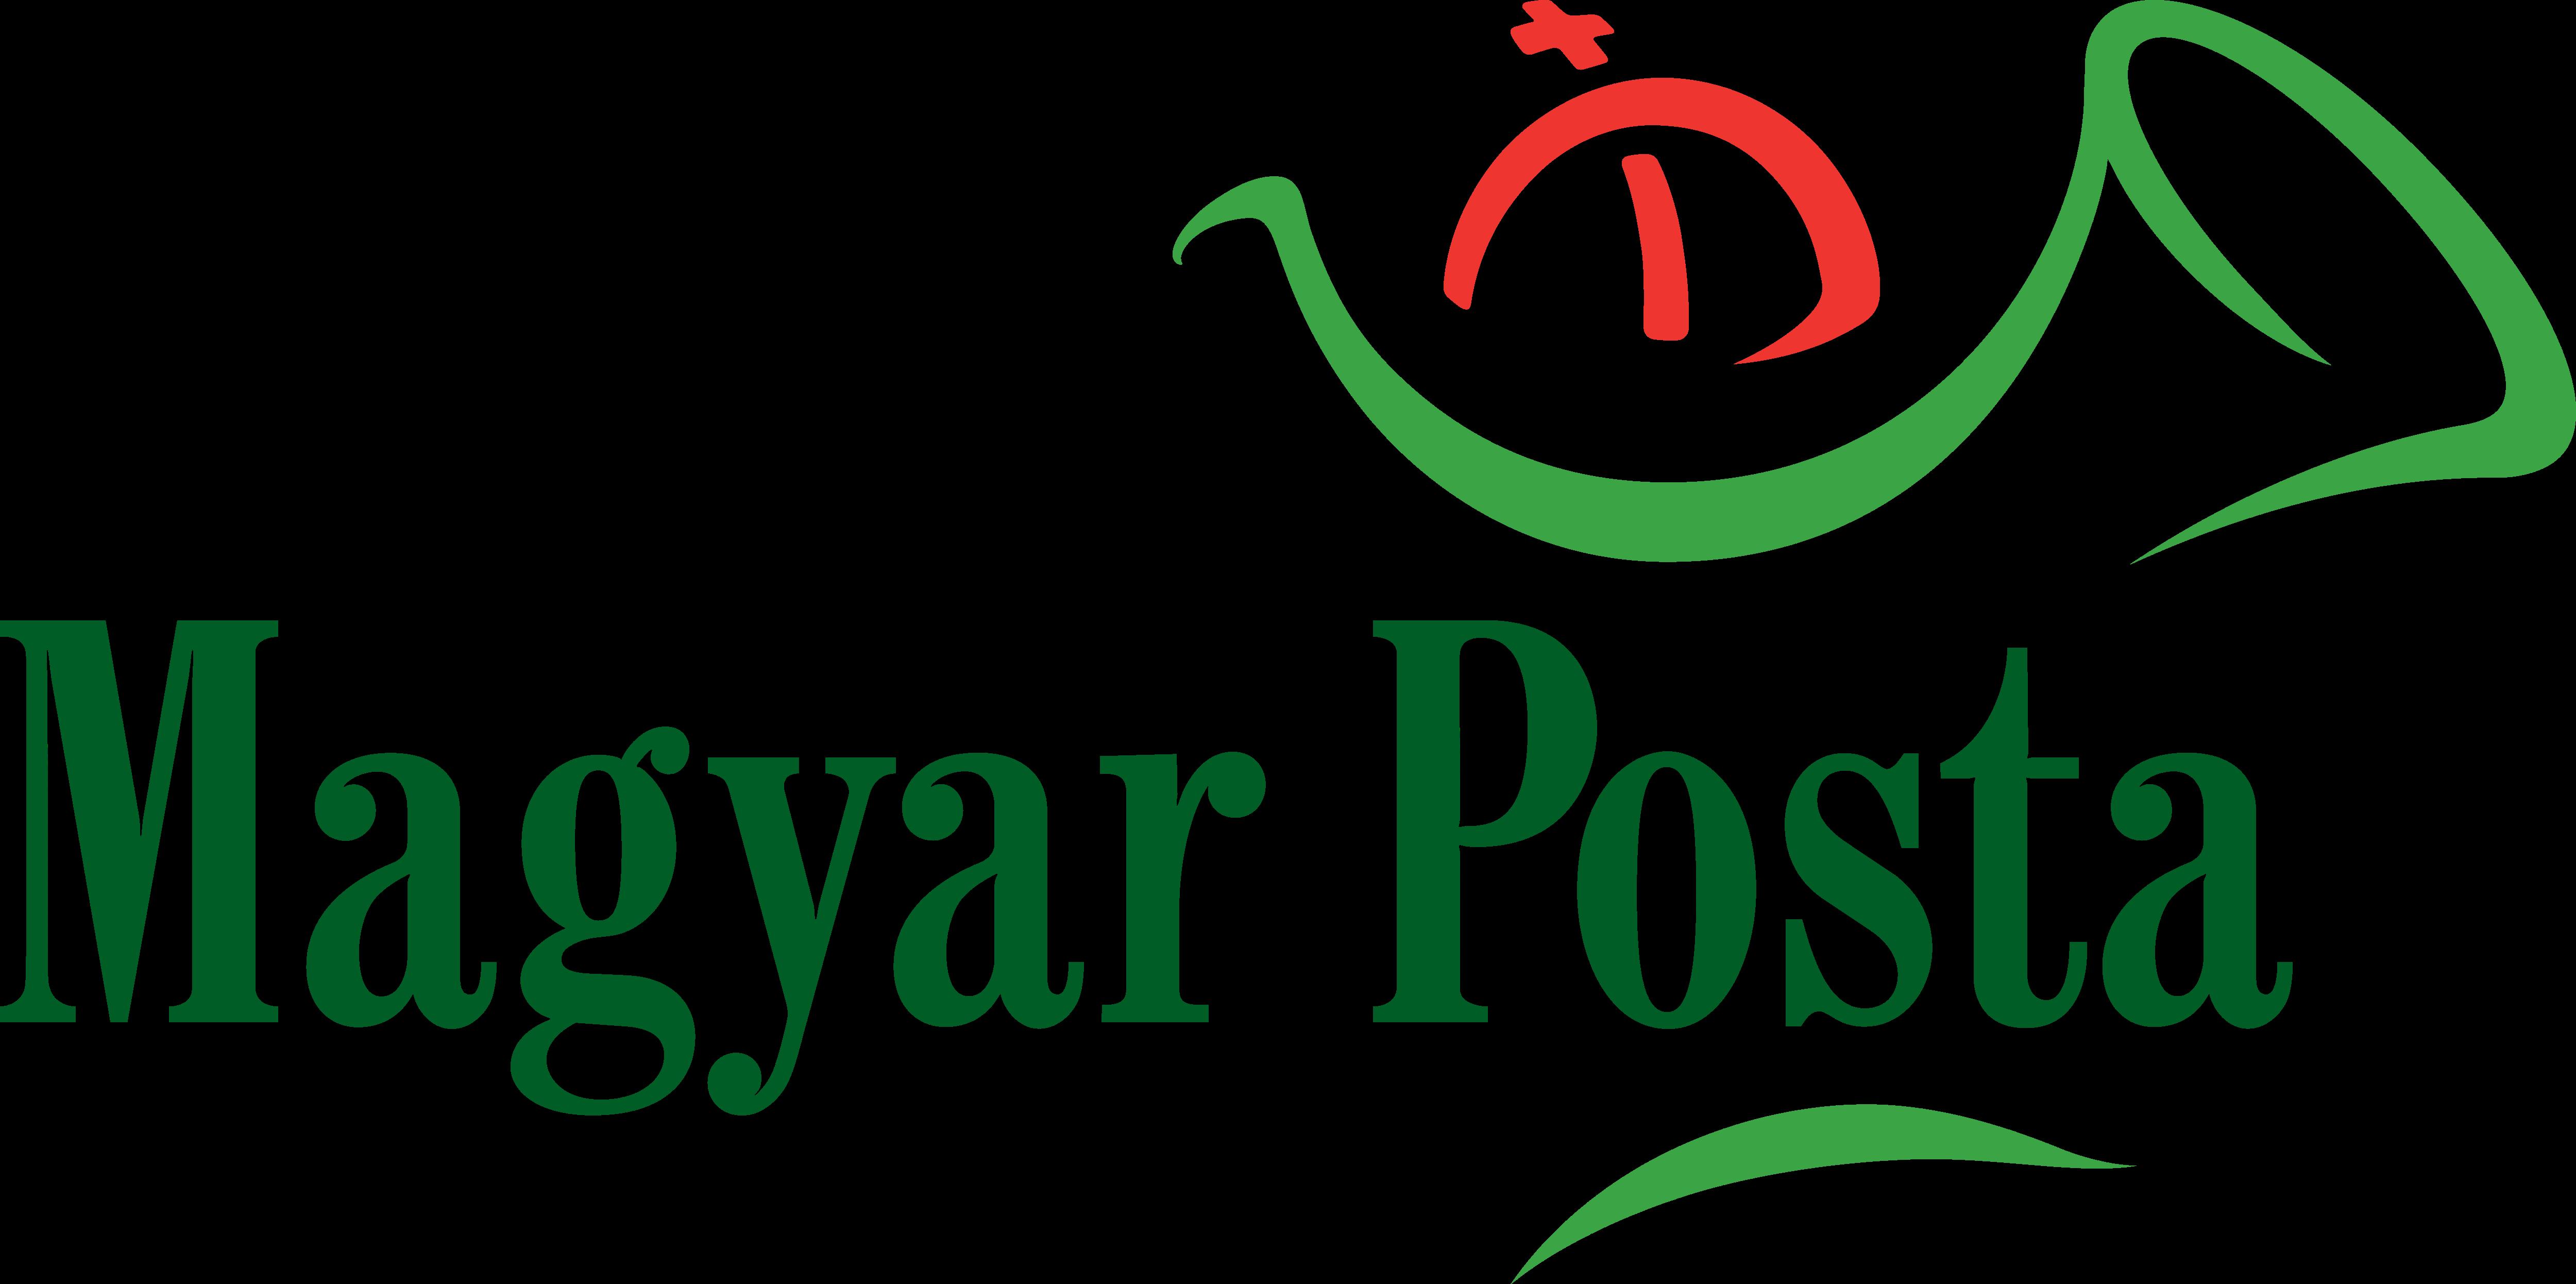 Postai csomagfeladással